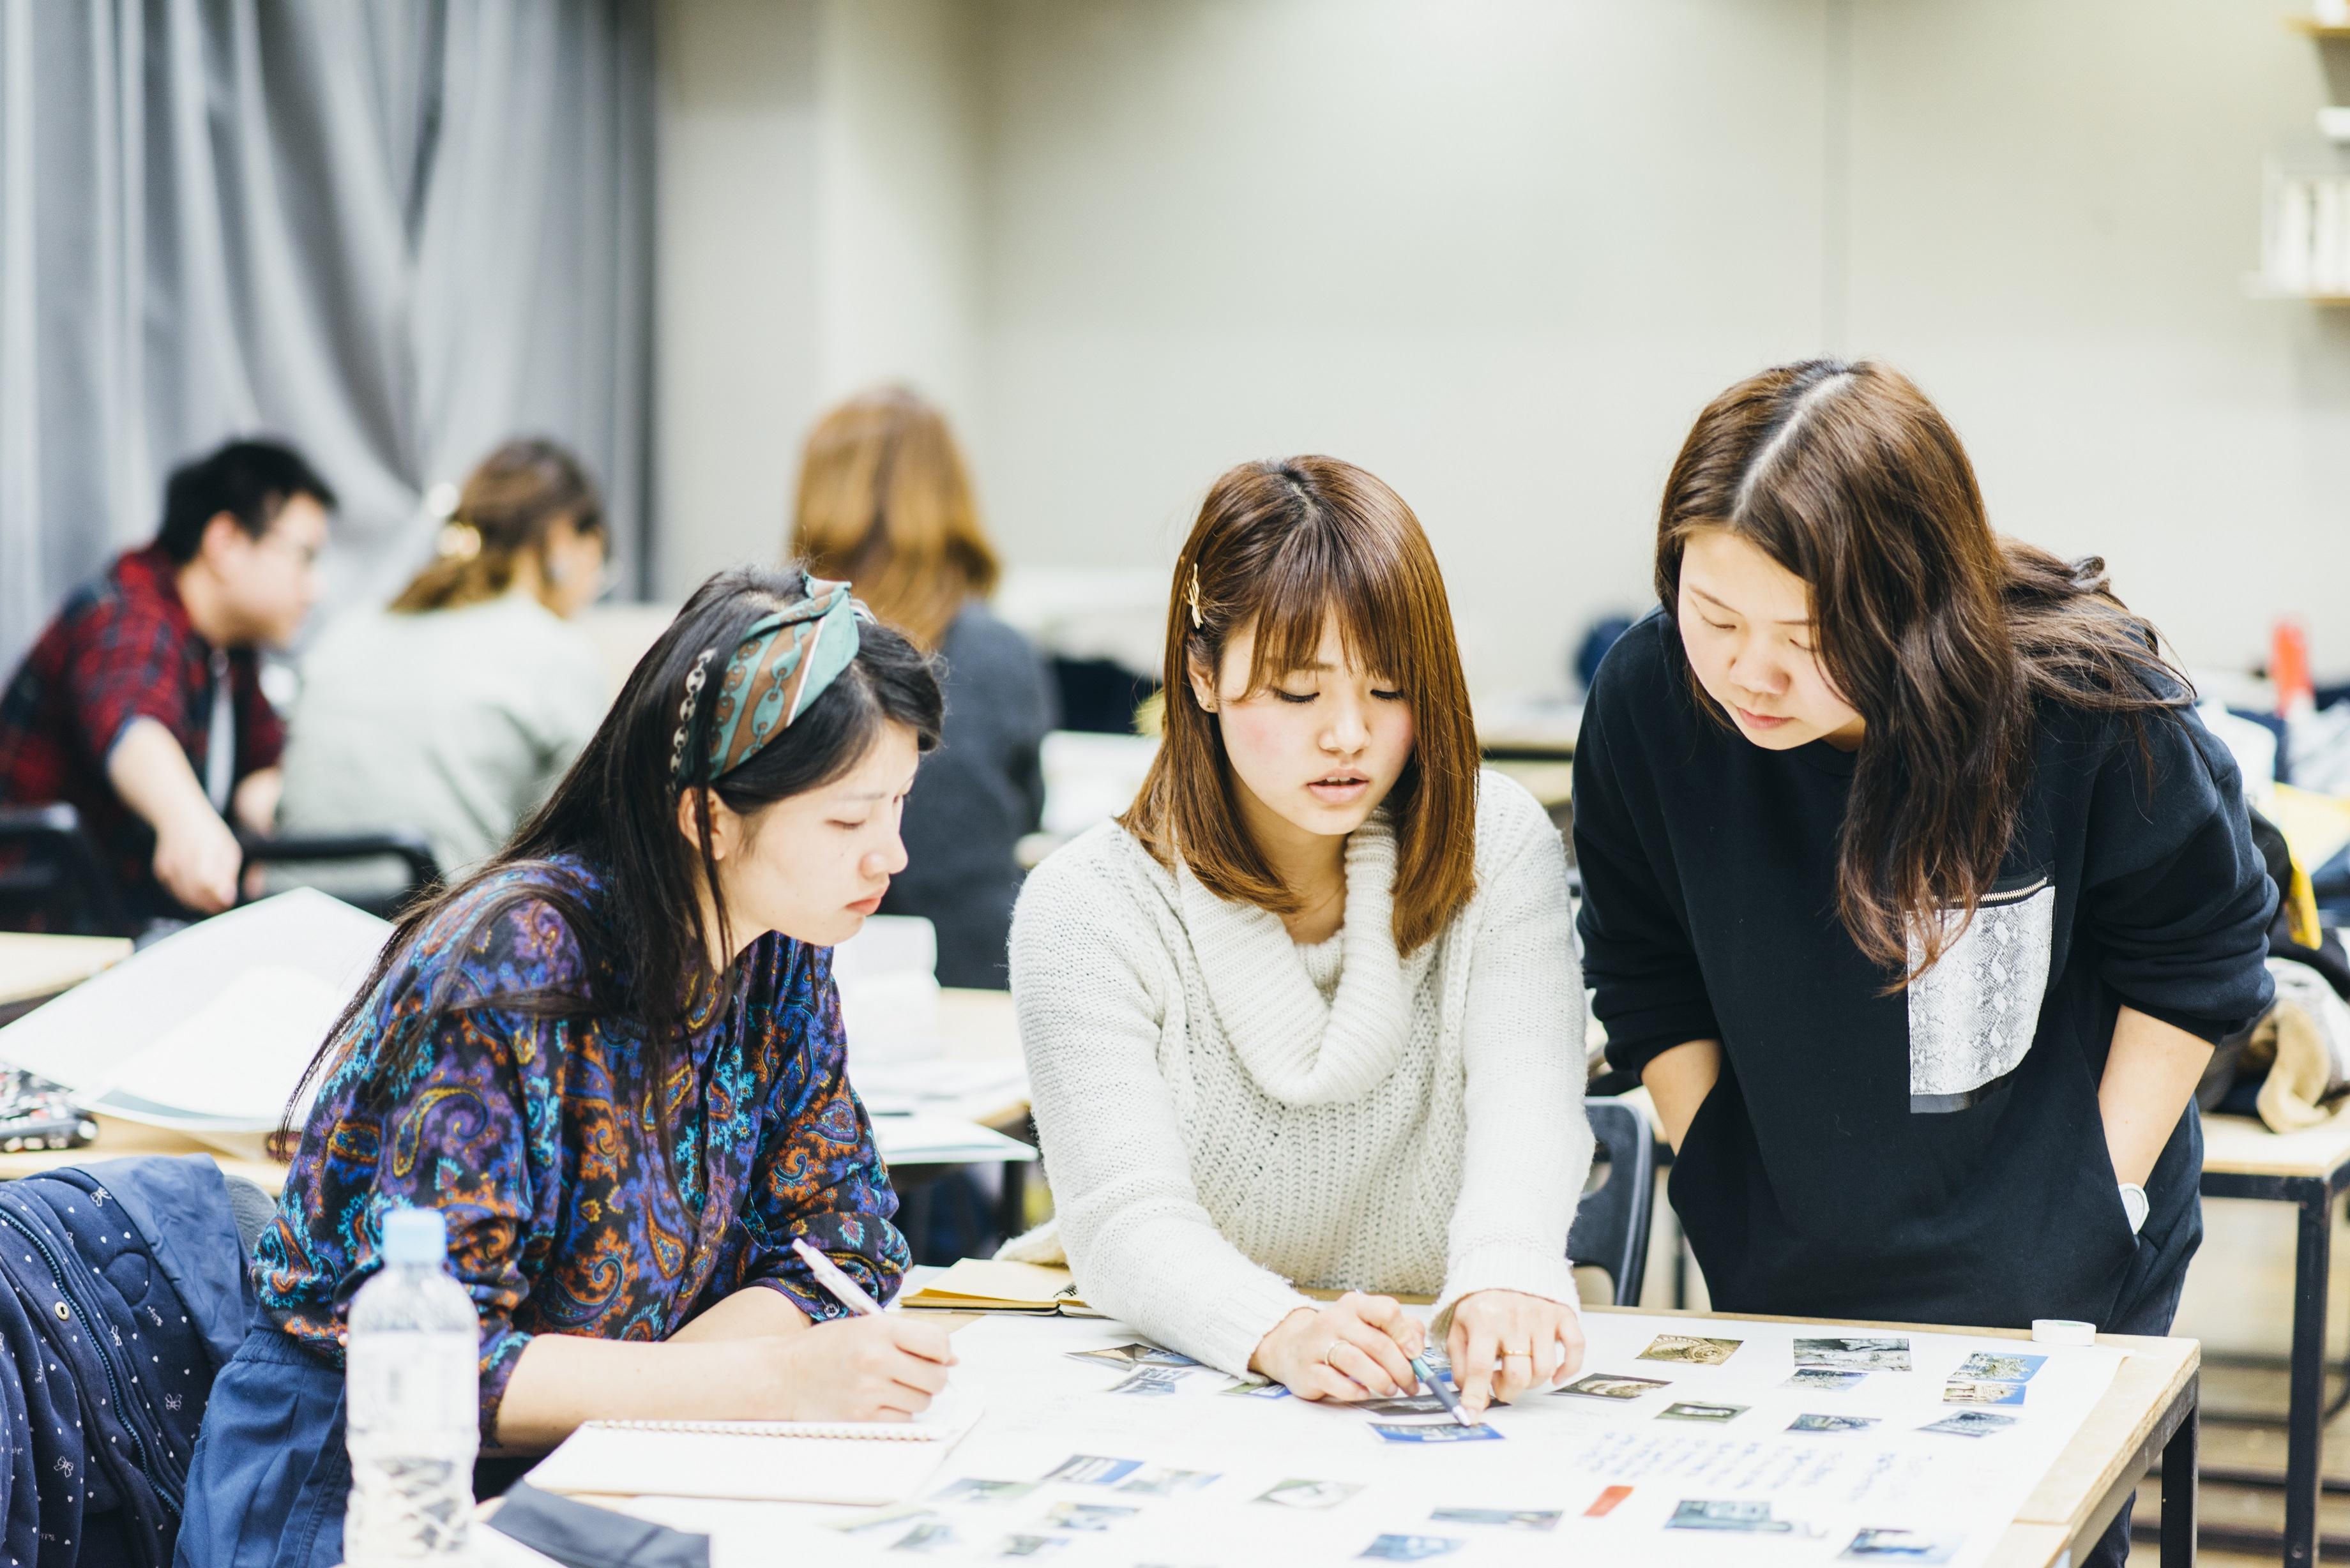 【第3回AO入試】 願書受付中!